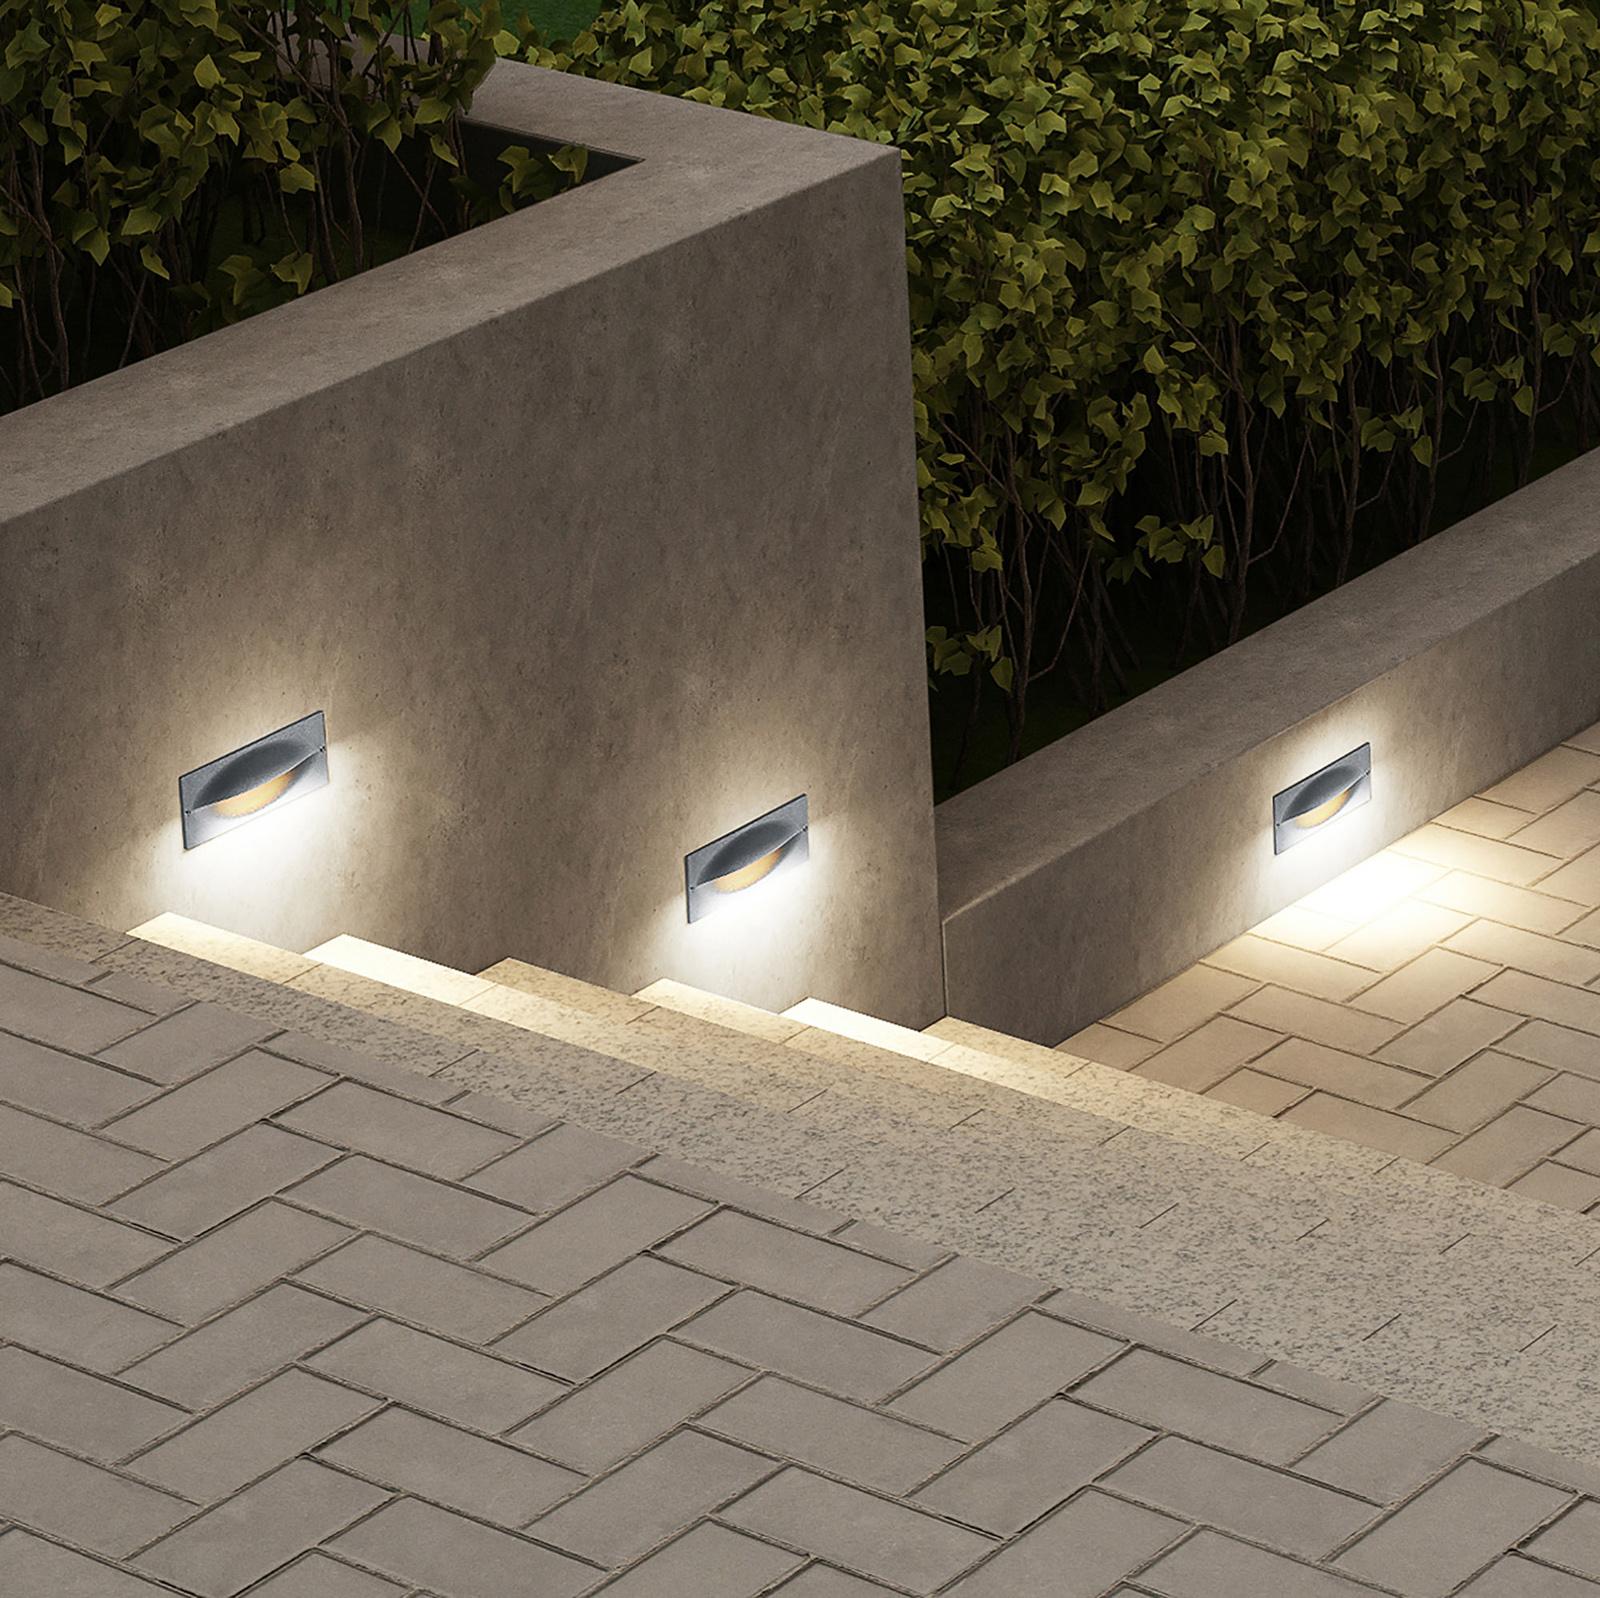 Lucande Zandro applique encastrée LED d'extérieur